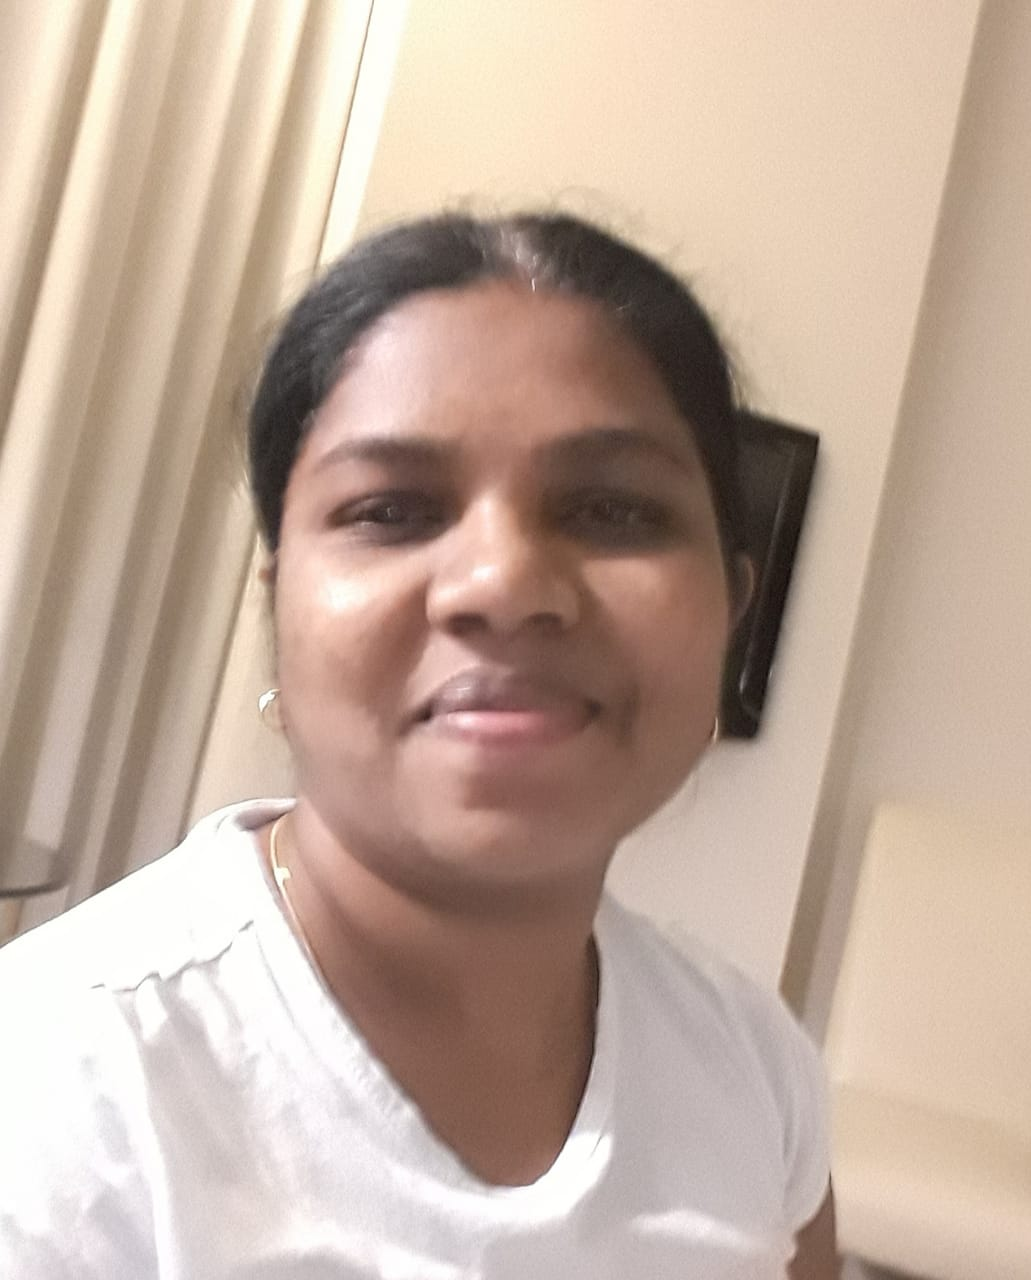 Chamen Roshairo Herath Mudiyanselage_IM_2020062603202569.jpeg